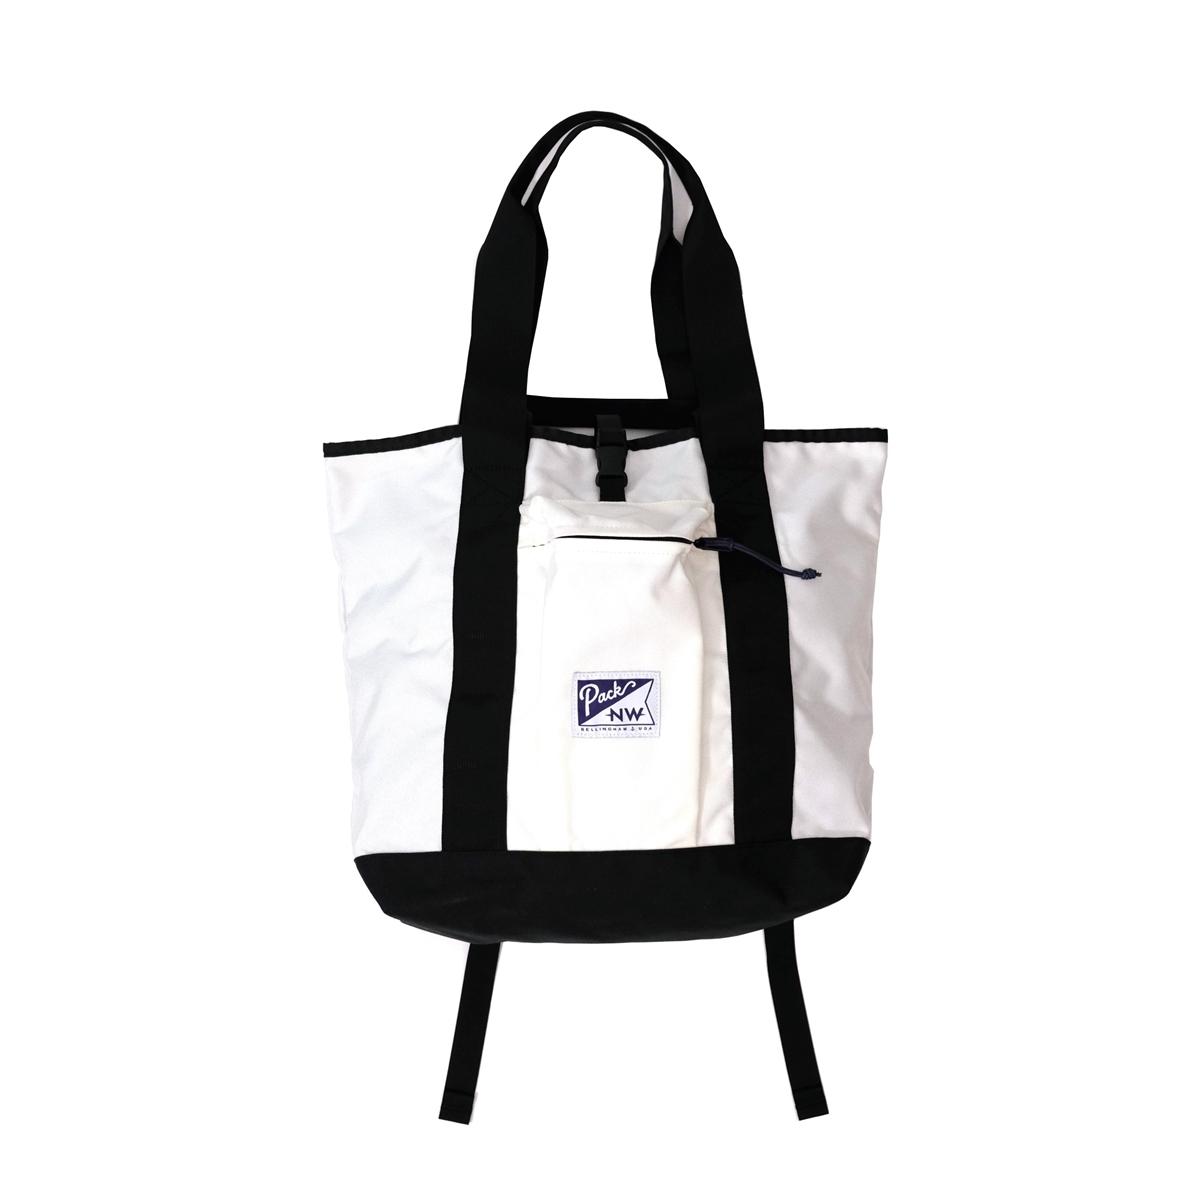 Pack NW Large Hobo Tote (8色) 513-63002 パックノースウエスト ホボトート 3way バックパック メッセンジャー トート コーデュラ ユニセックス 男女兼用 バッグ アメリカ 送料無料